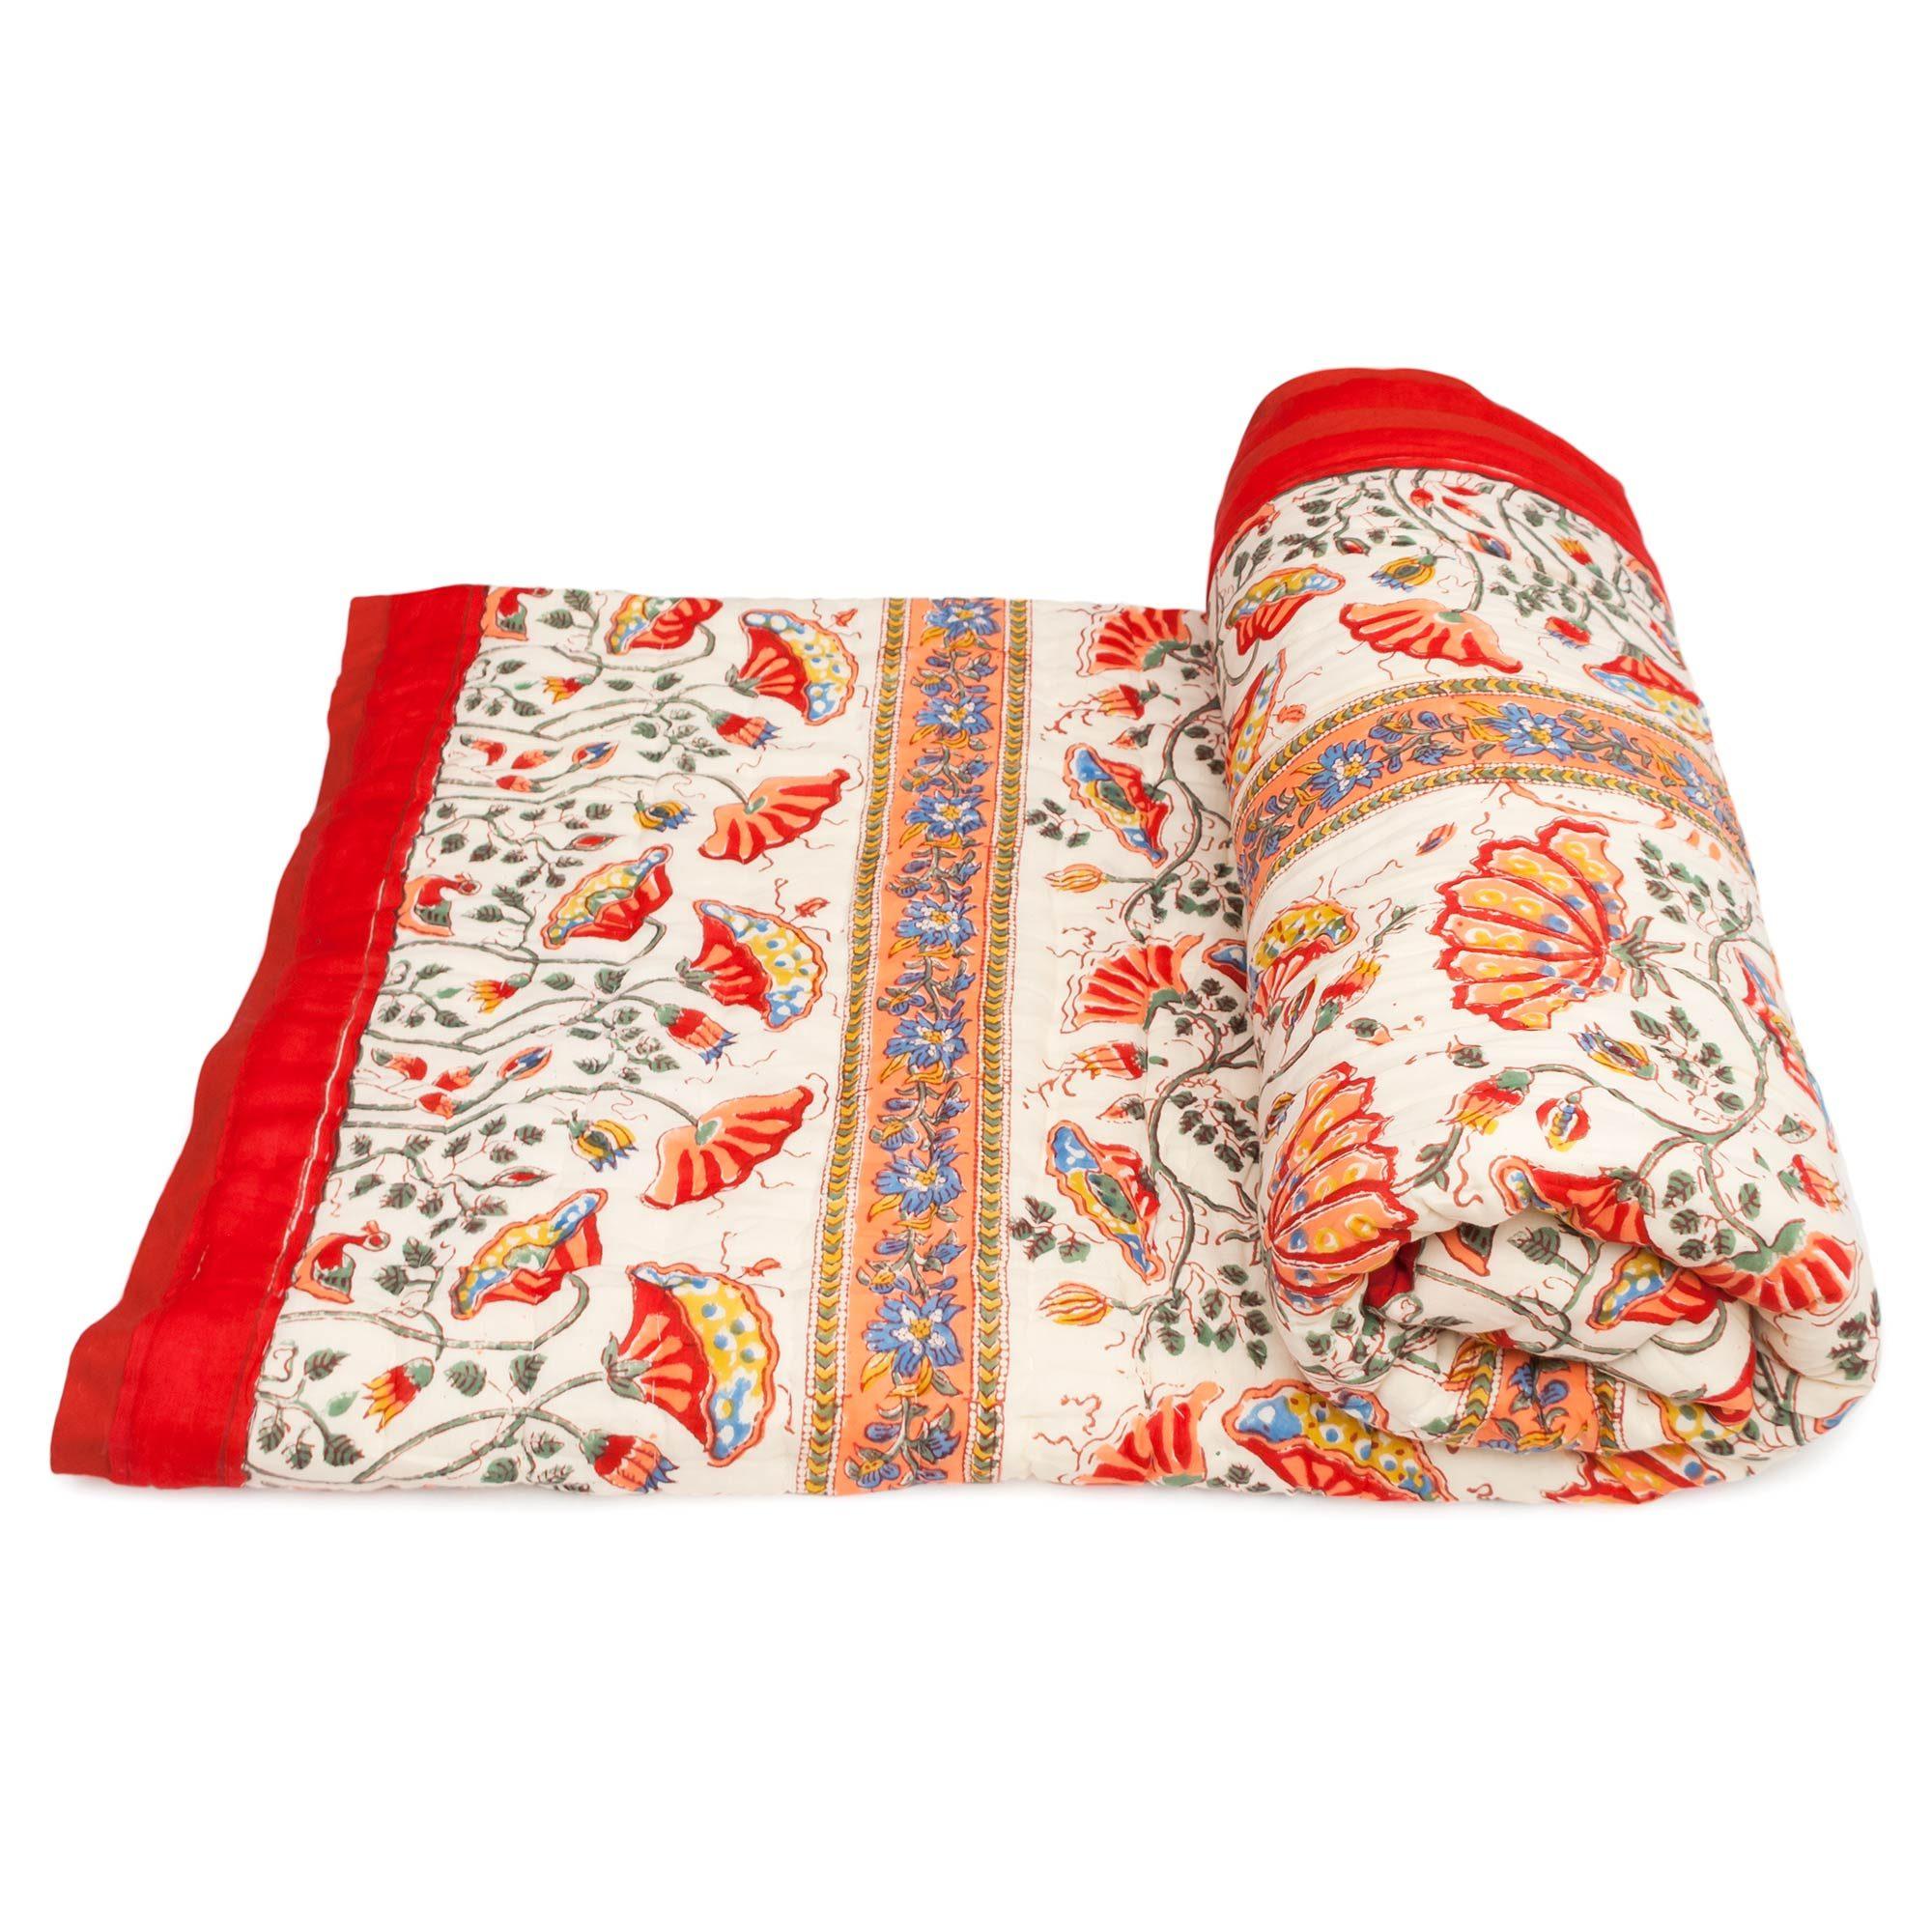 Tara-Textile - indische Decke - Kuscheldecke Kamela